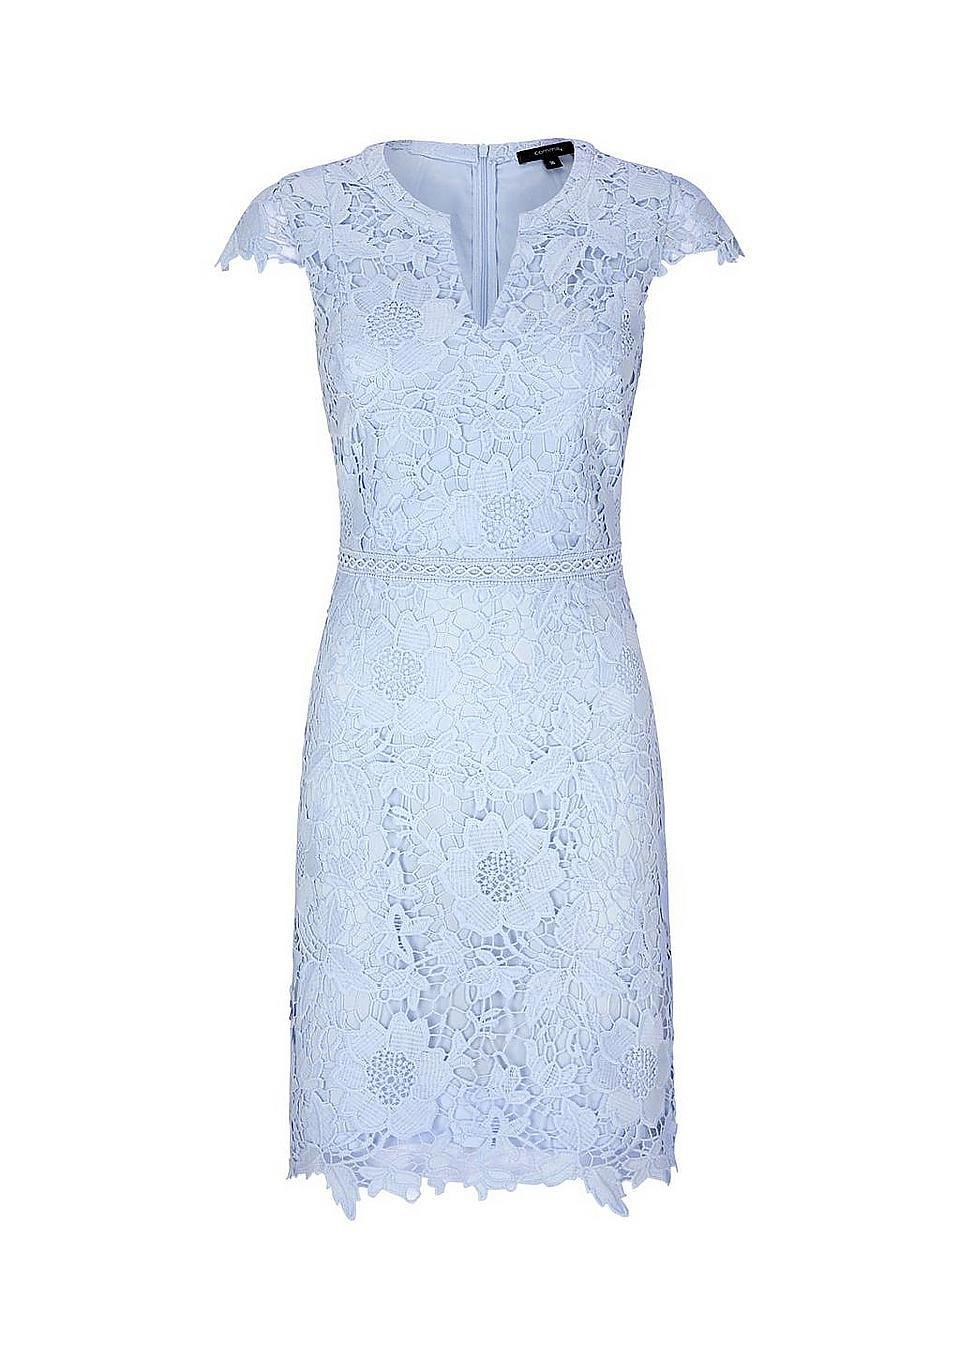 Comma Abendkleid für bestellen  BAUR  Kleider, Abendkleid